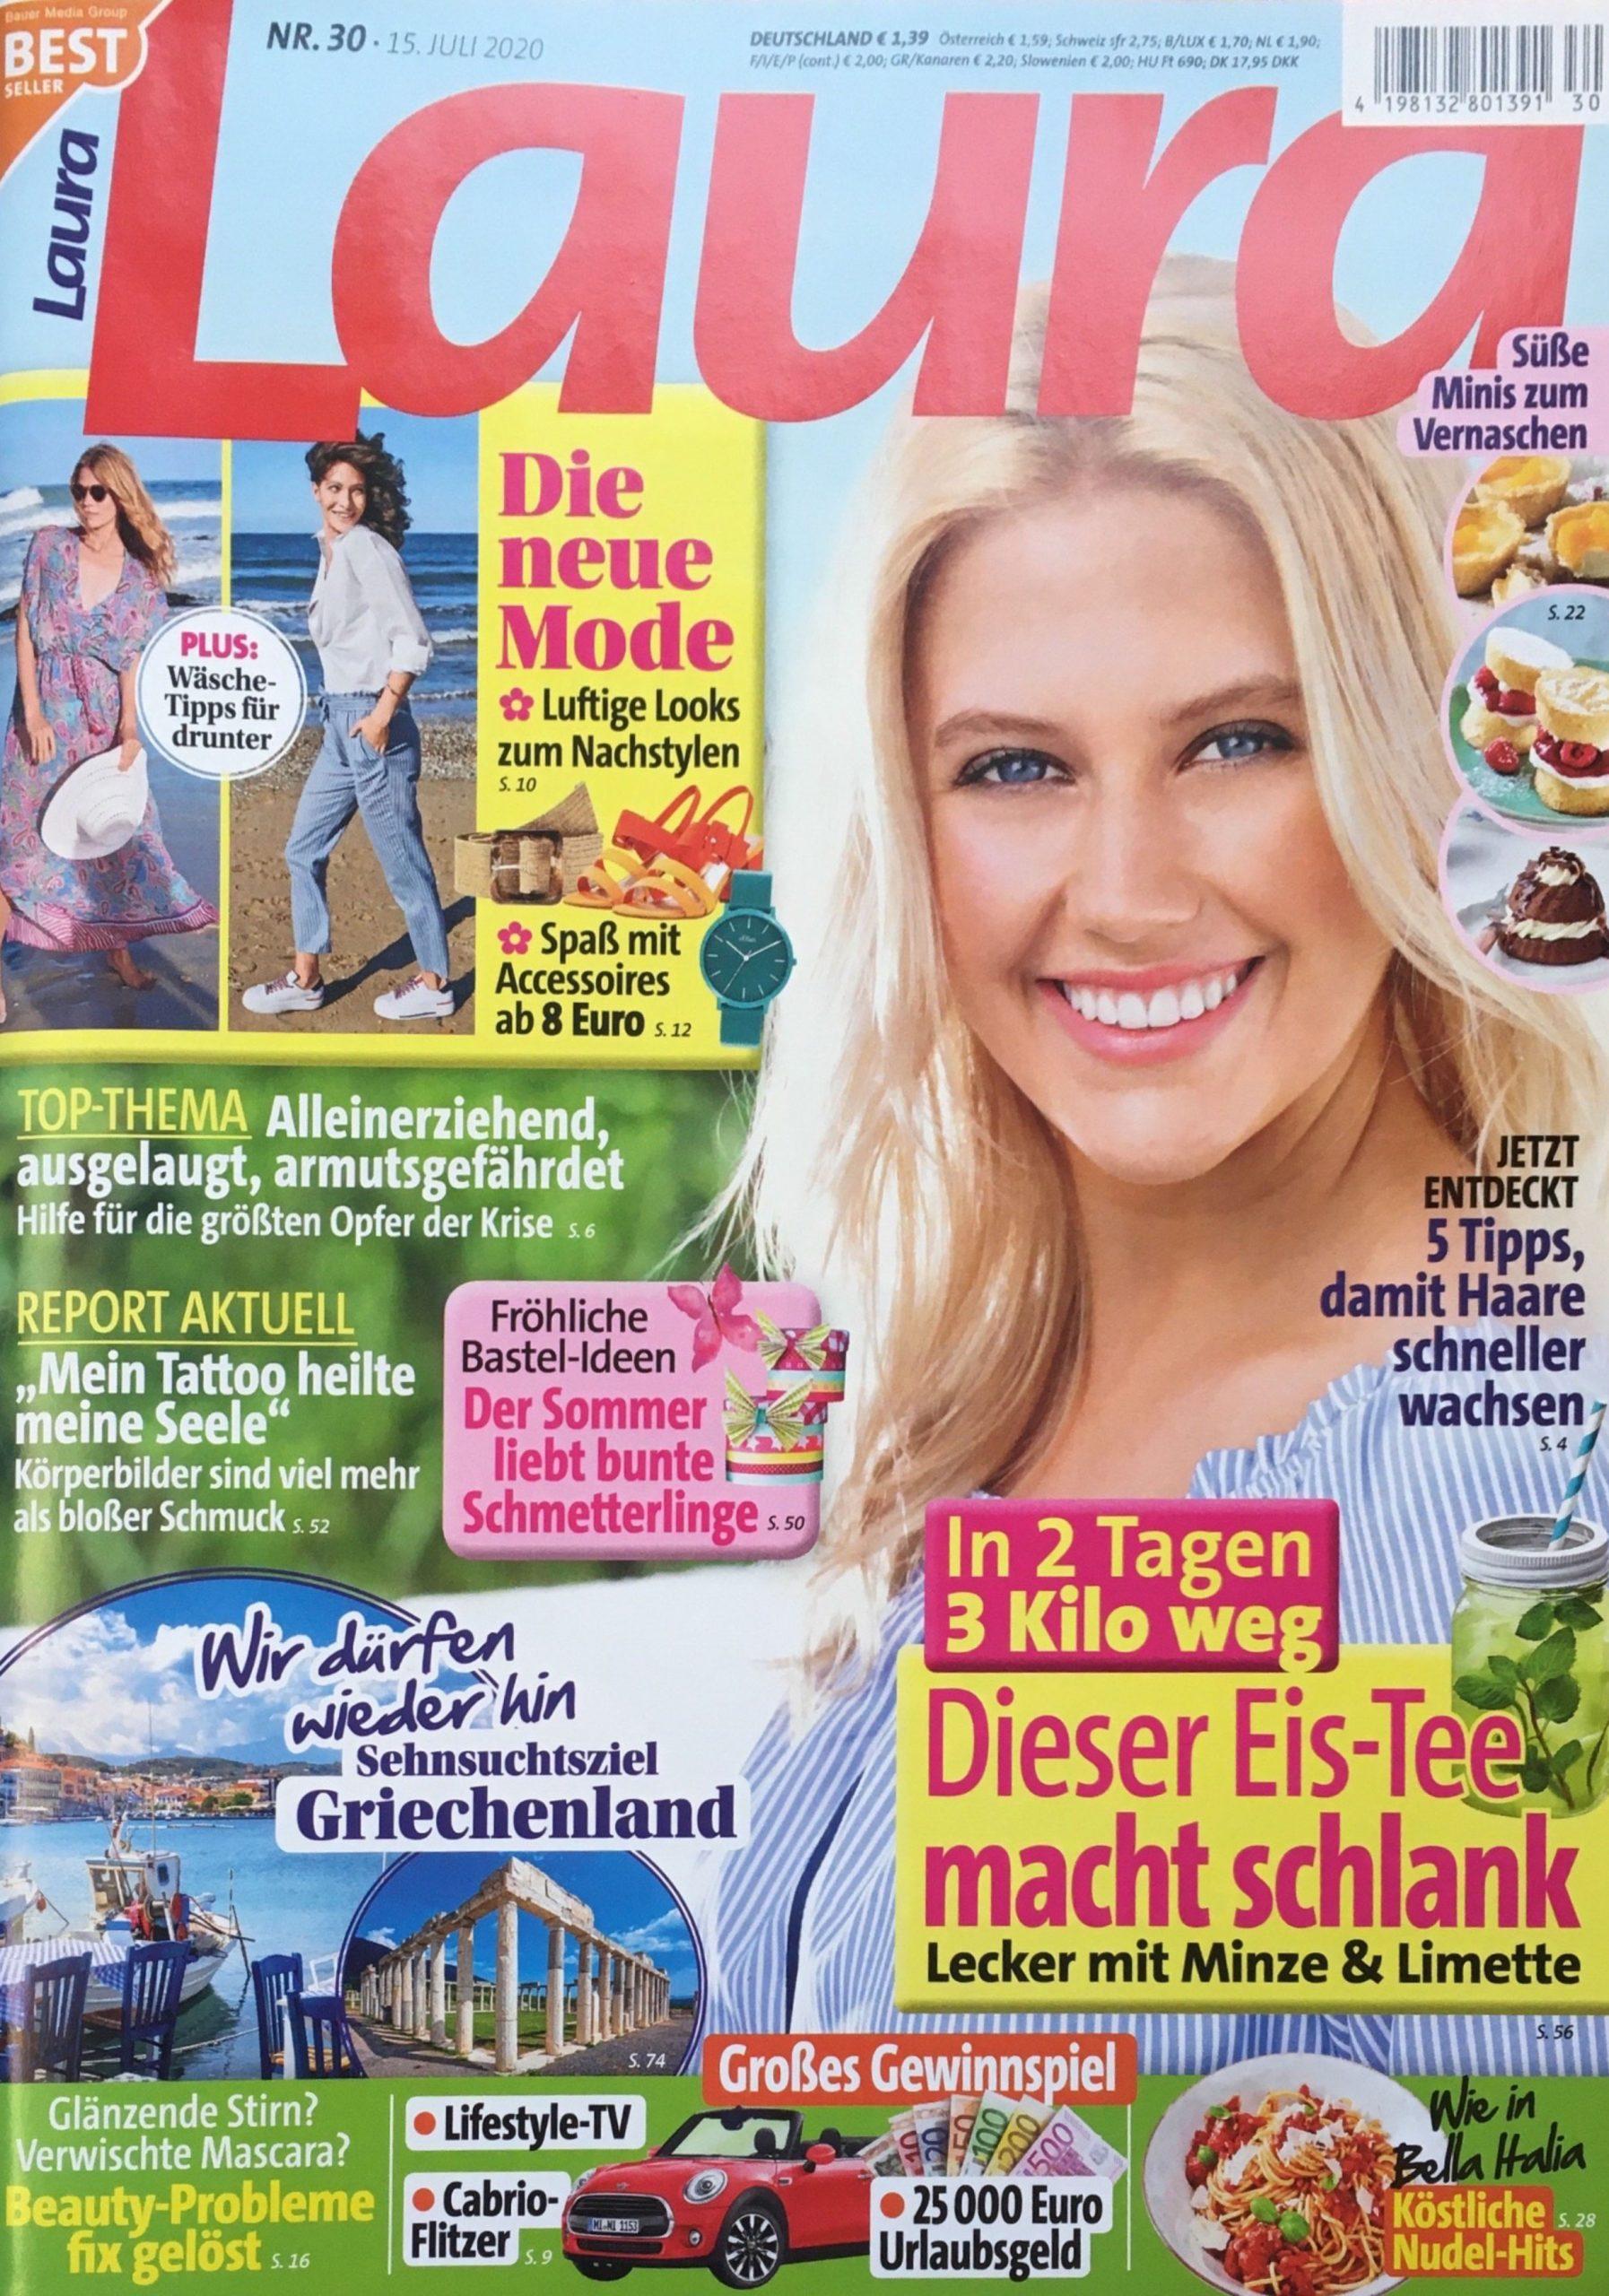 Zeitschrift Laura - Nummer 30, 15.Juli 2020